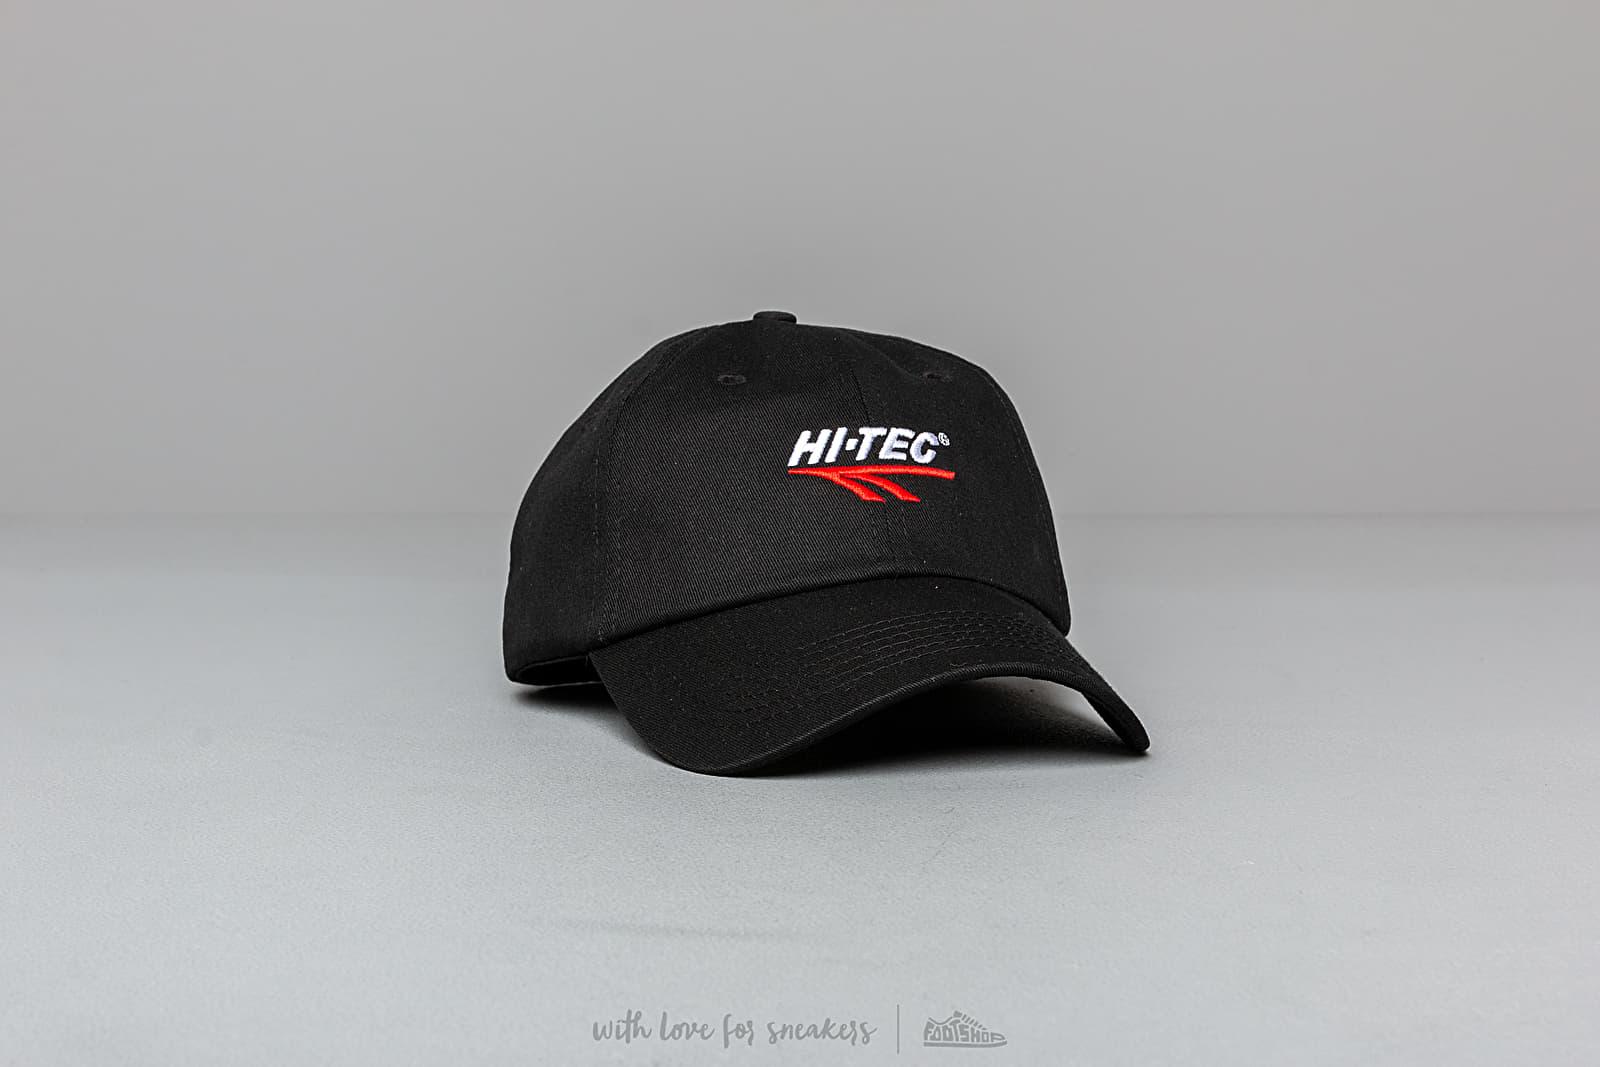 PACCBET x HI-TEC Cap